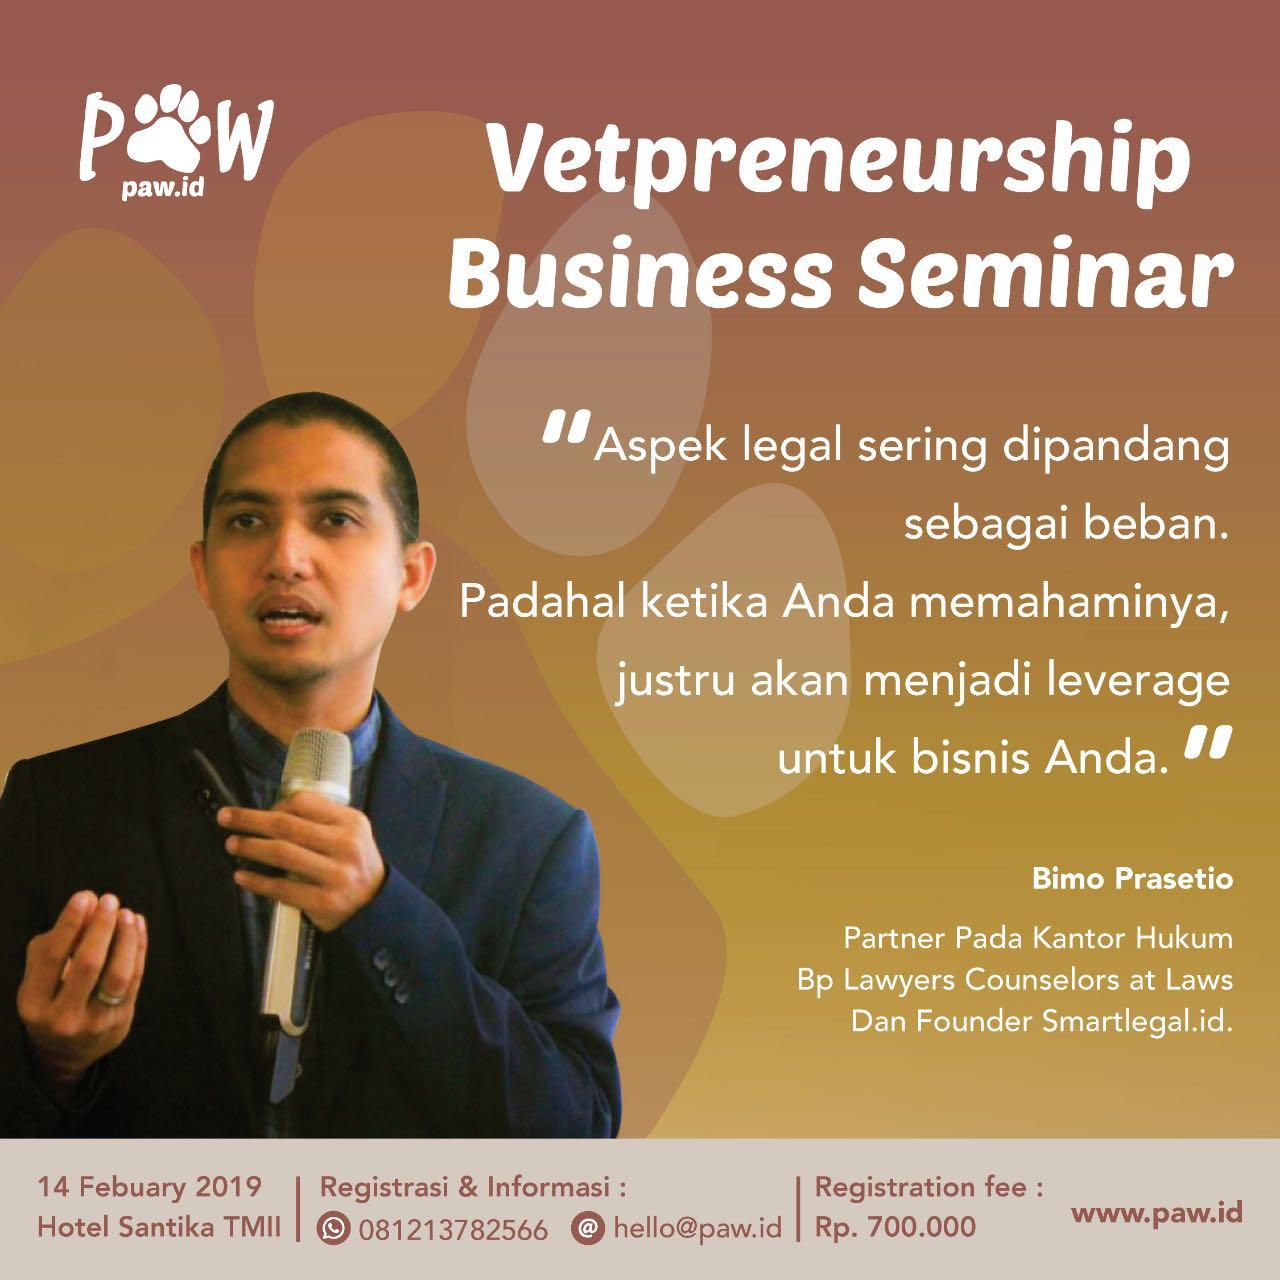 Bimo Prasetio sebagai speaker di Vetpreneurship Business Seminar 2019 paw Indonesia